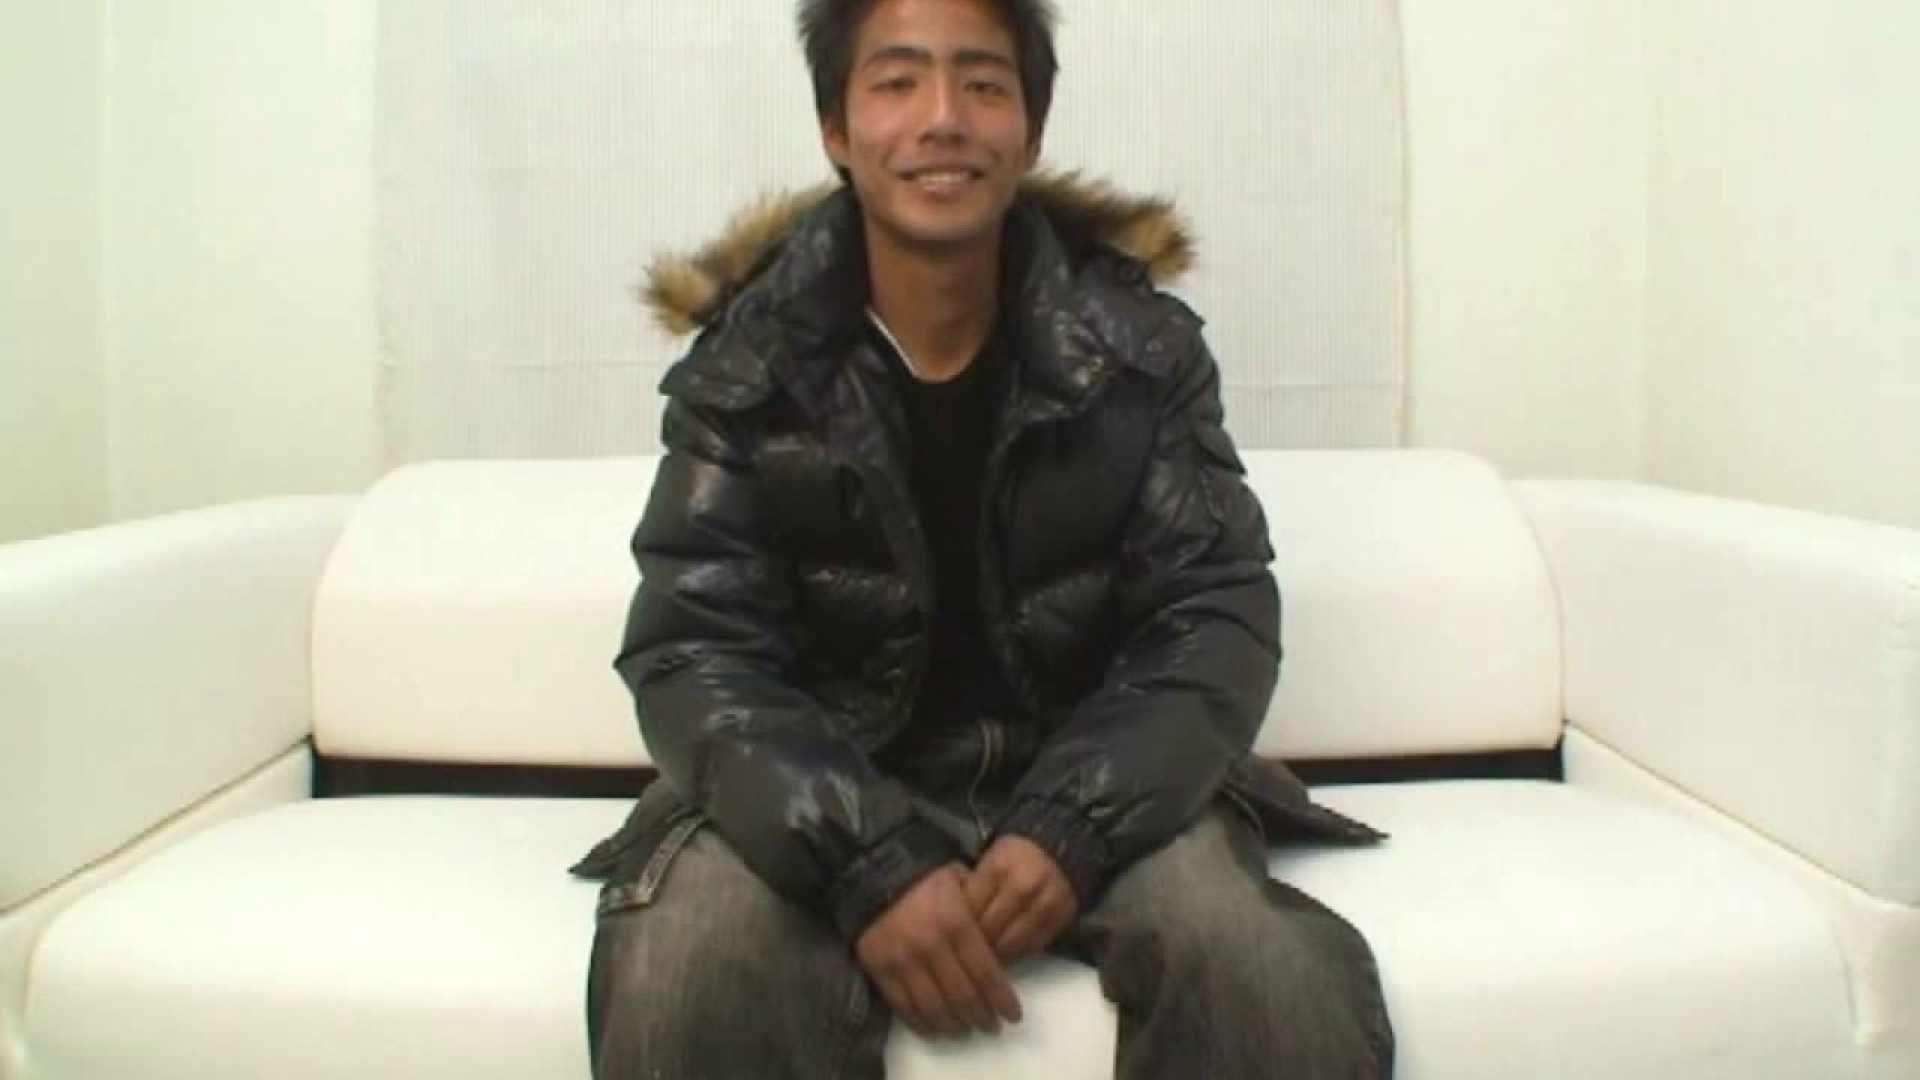 ノンケ!自慰スタジオ No.30 ゲイのオナニー映像  58枚 12